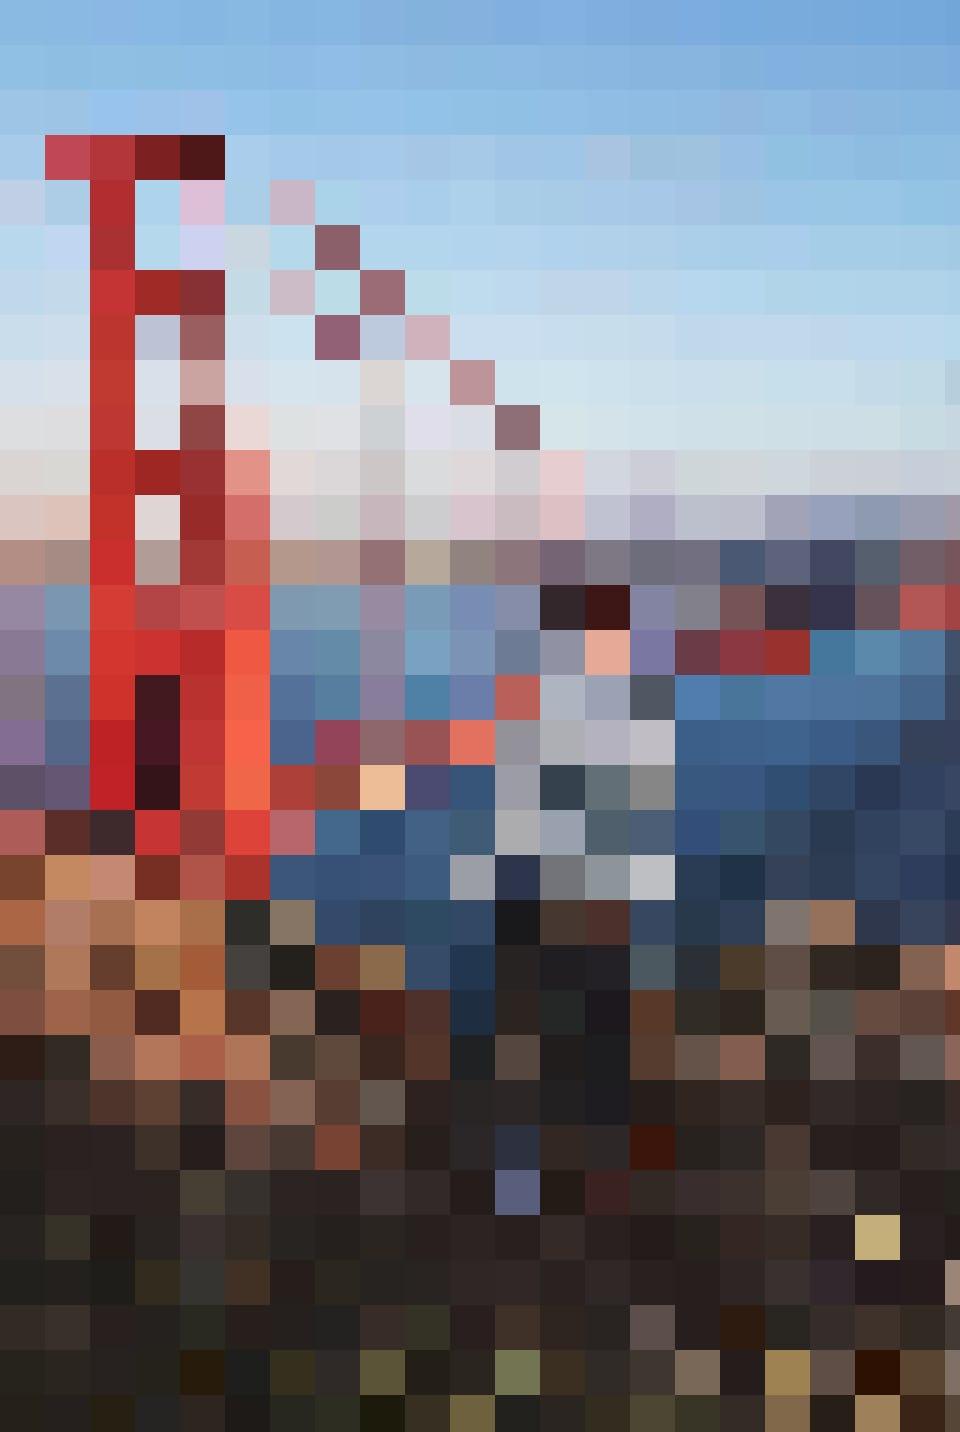 Le moment fort de l'année de Baptiste Tachet: le Golden Gate Bridge dans toute sa splendeur.